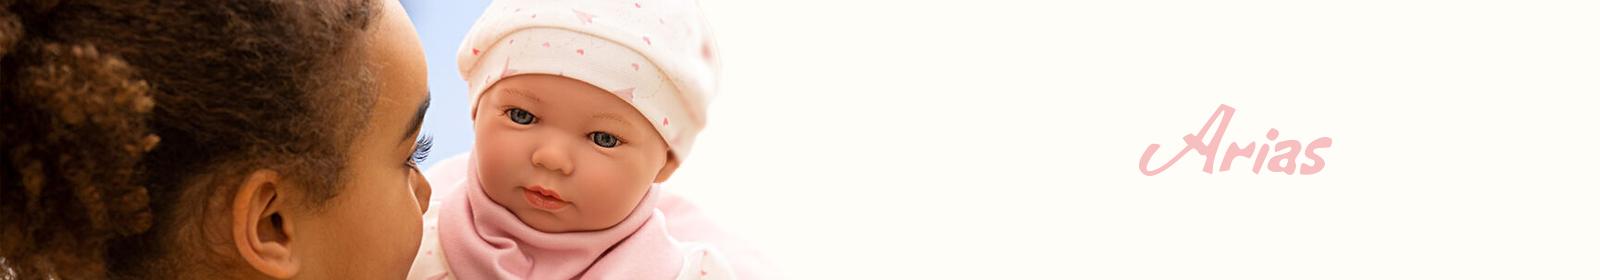 Comprar Bonecas e Bonecas Reborn Arias online ao melhor preço